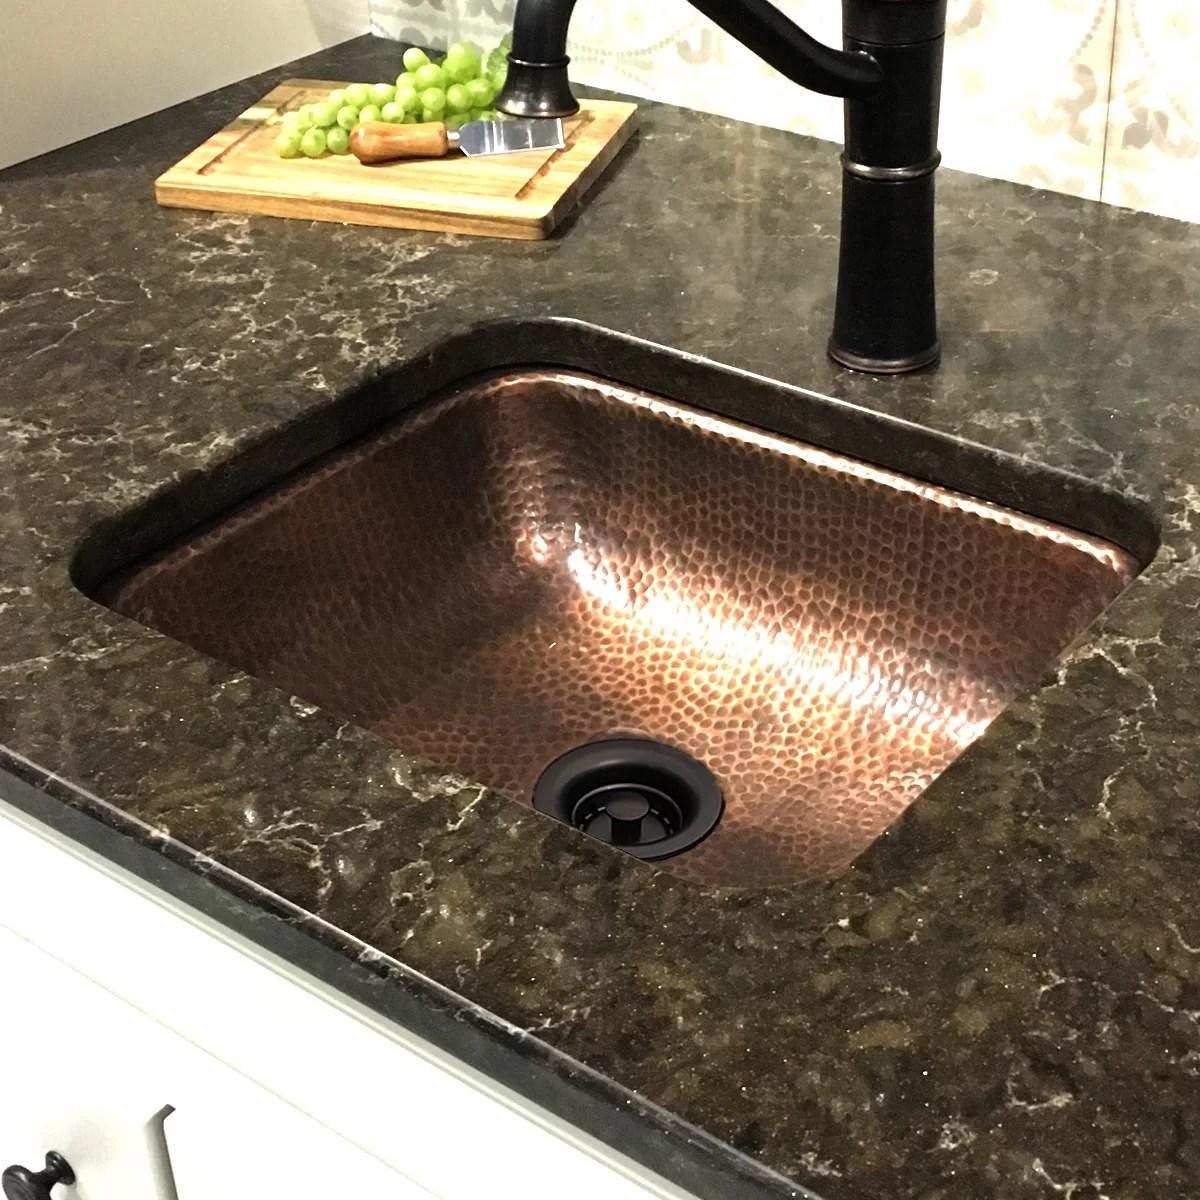 brightwork home 15 l x 12 w undermount bar sink